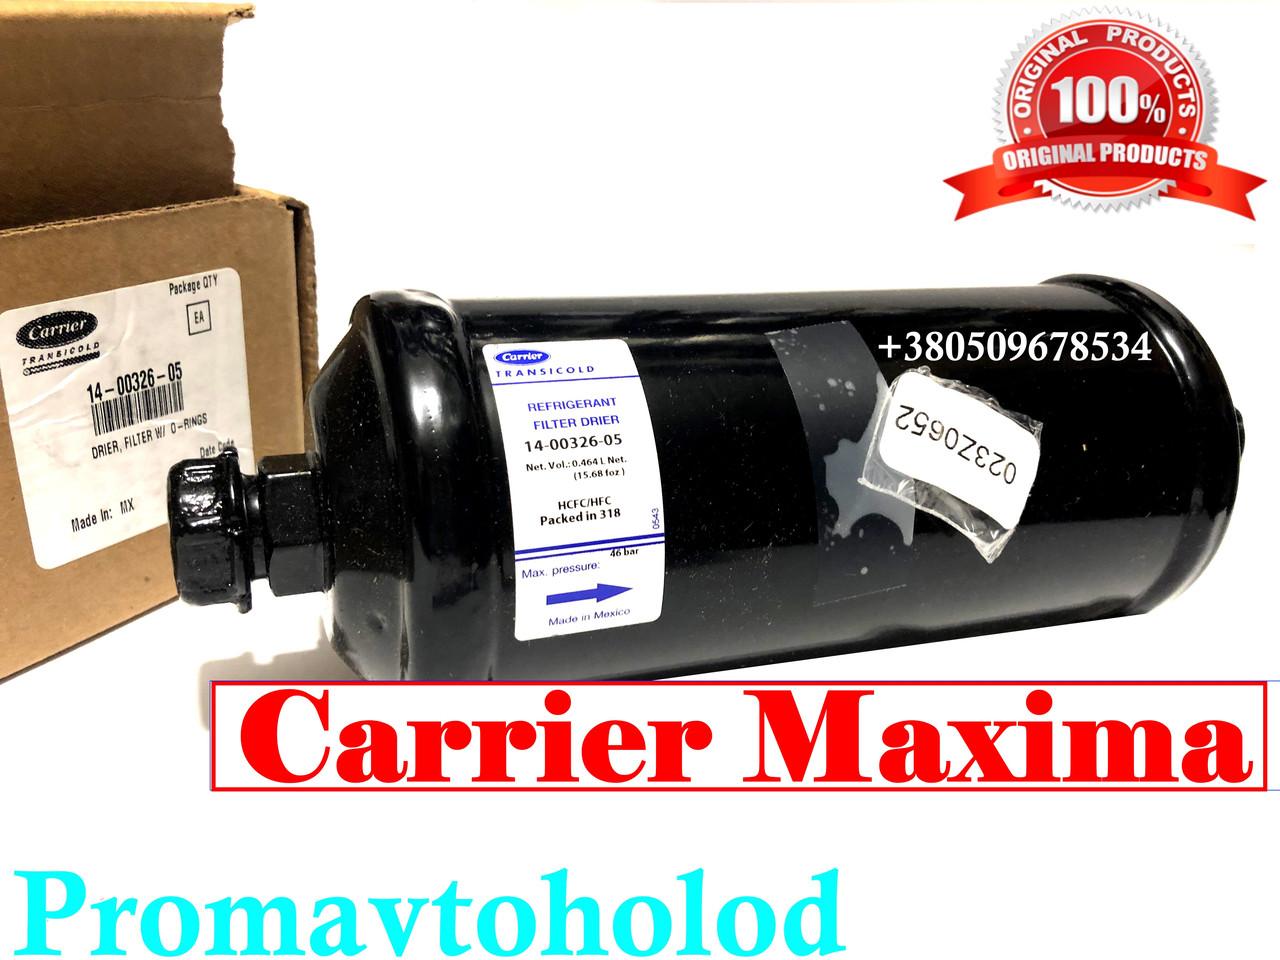 14-60018-05 // Фильтр фрионный  Maxima